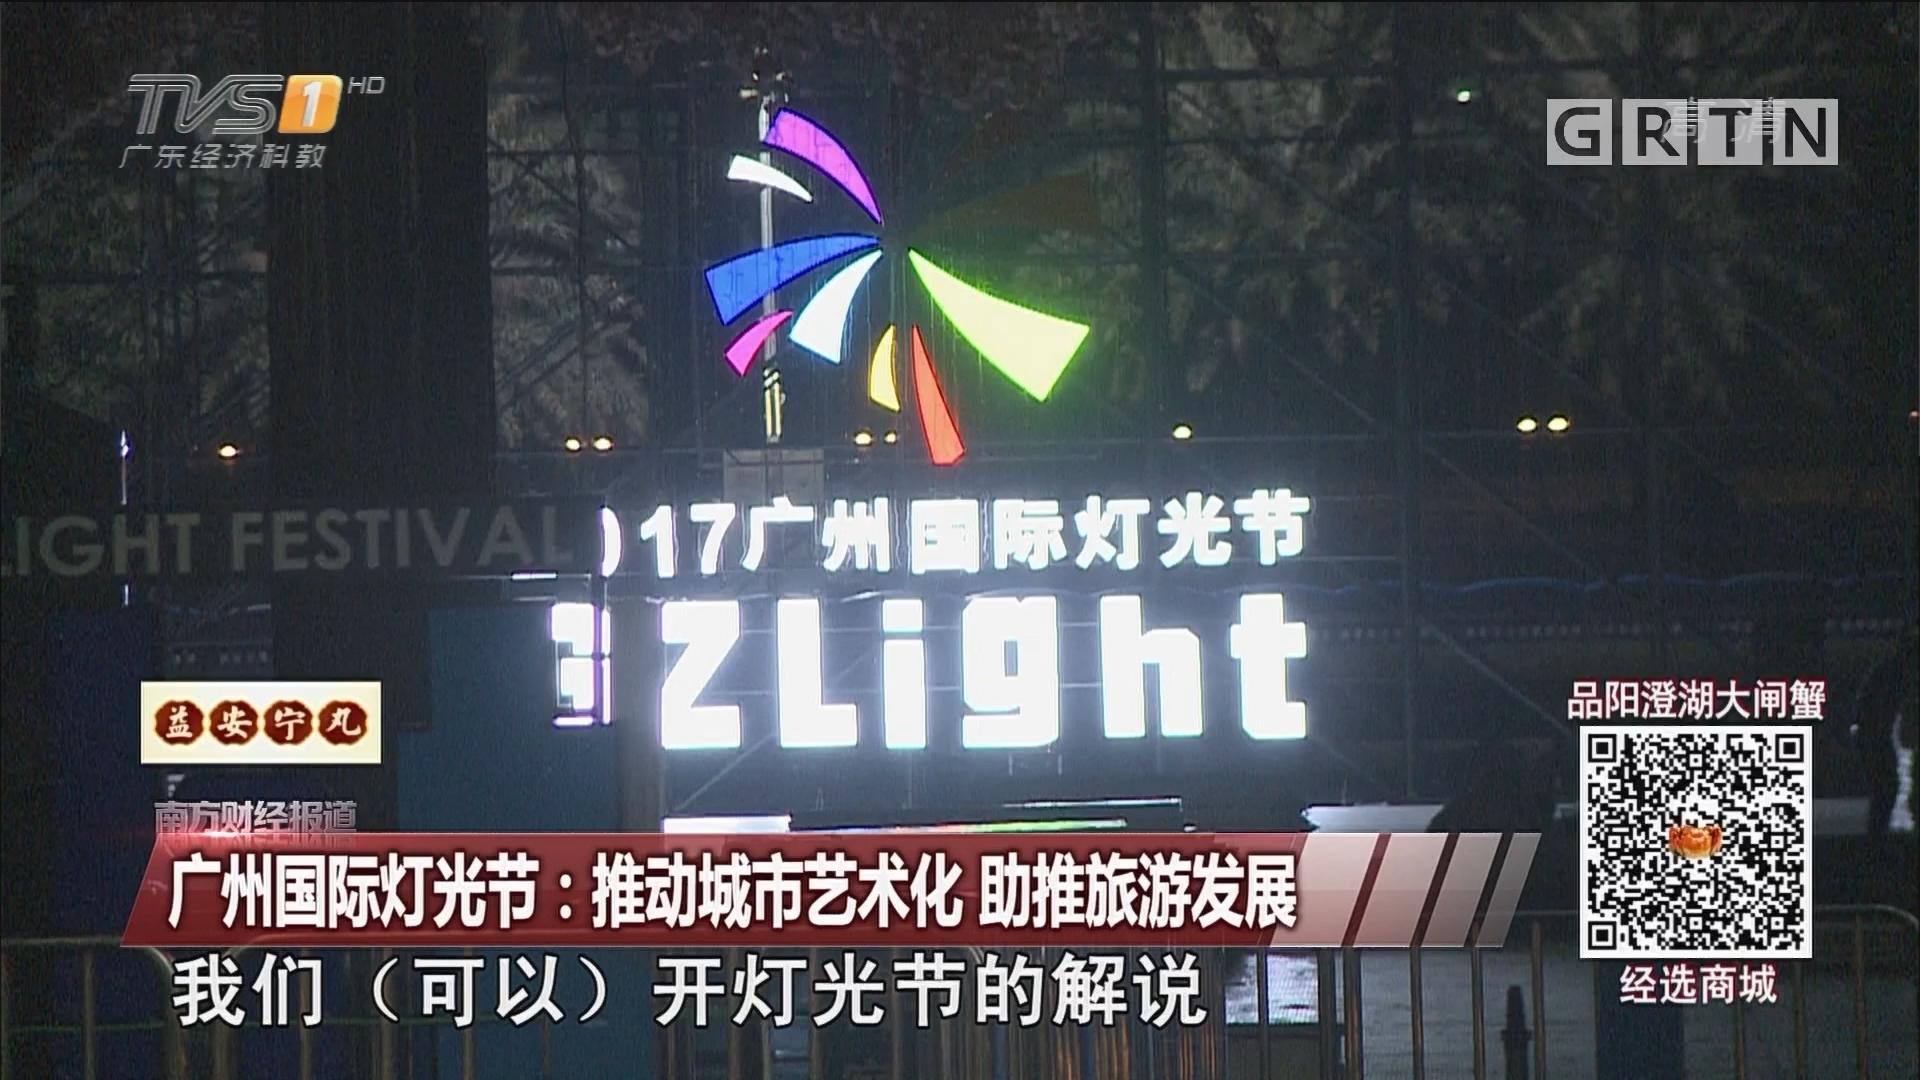 广州国际灯光节:推动城市艺术化 助推旅游发展